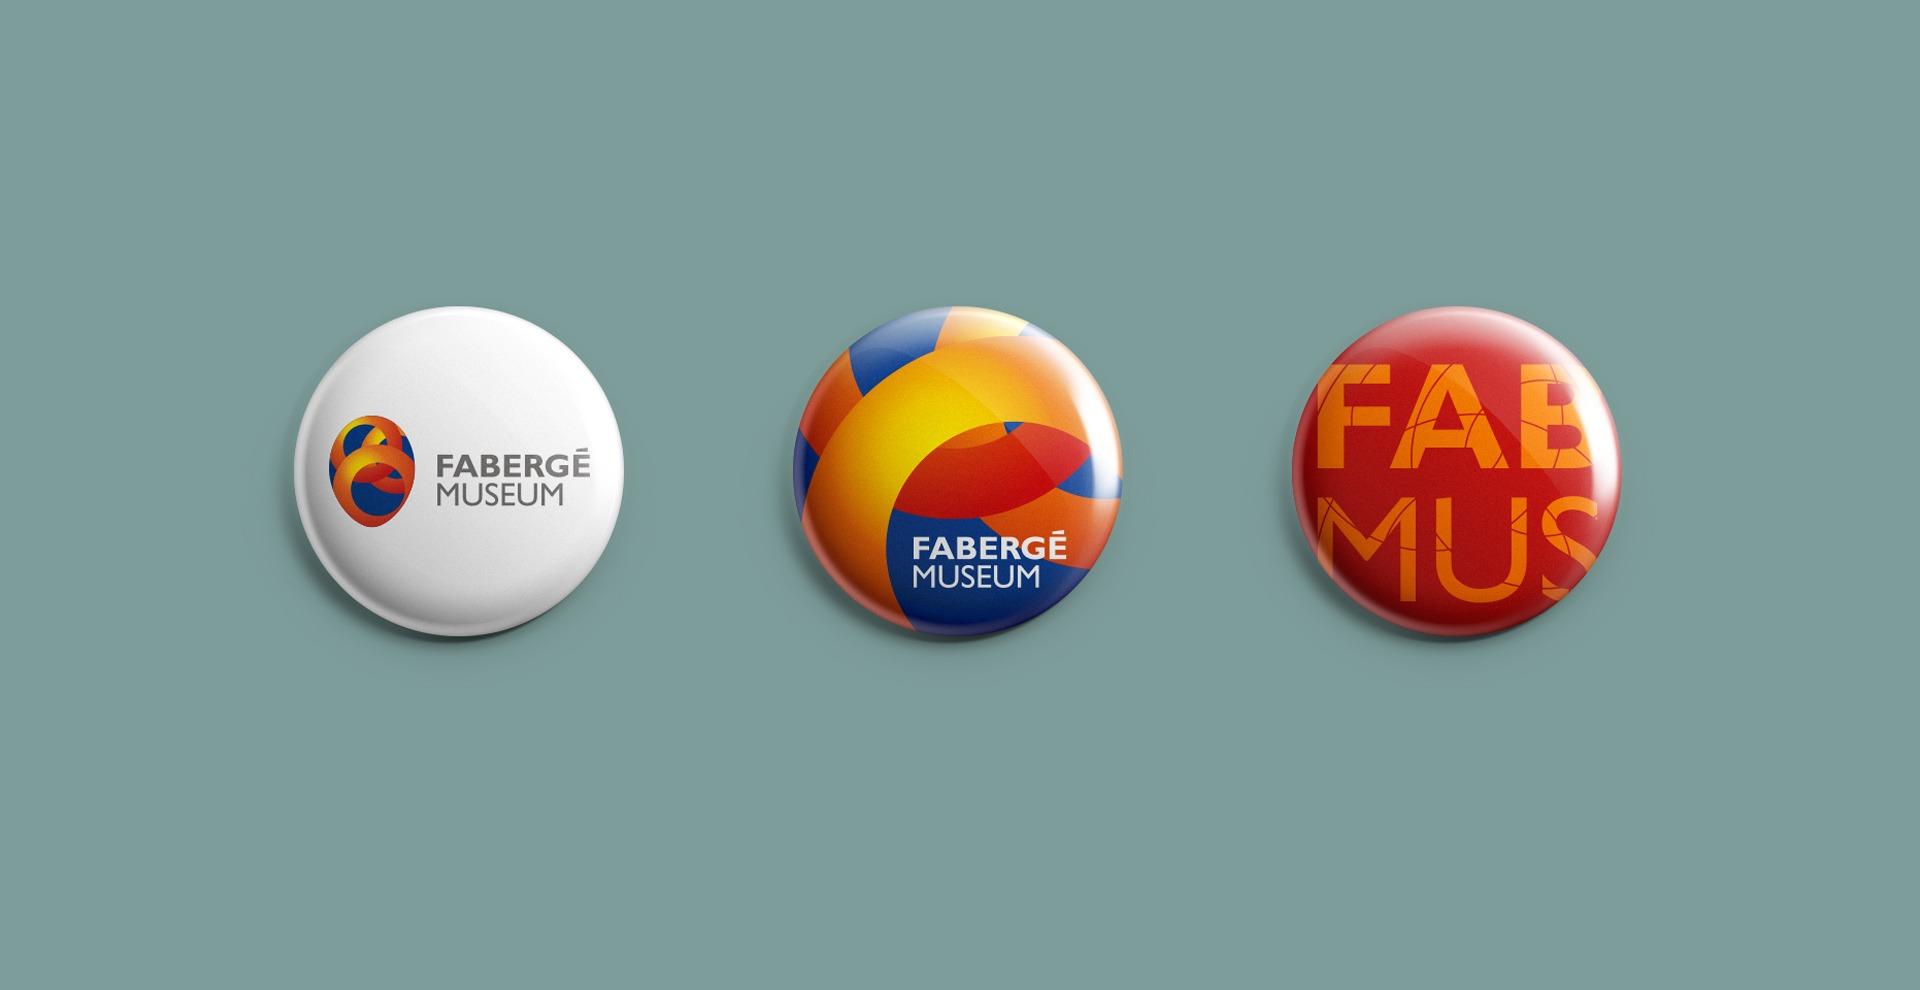 Асгард, дизайн сувенирных значков, брендинг, Музей Фаберже, pins, bages